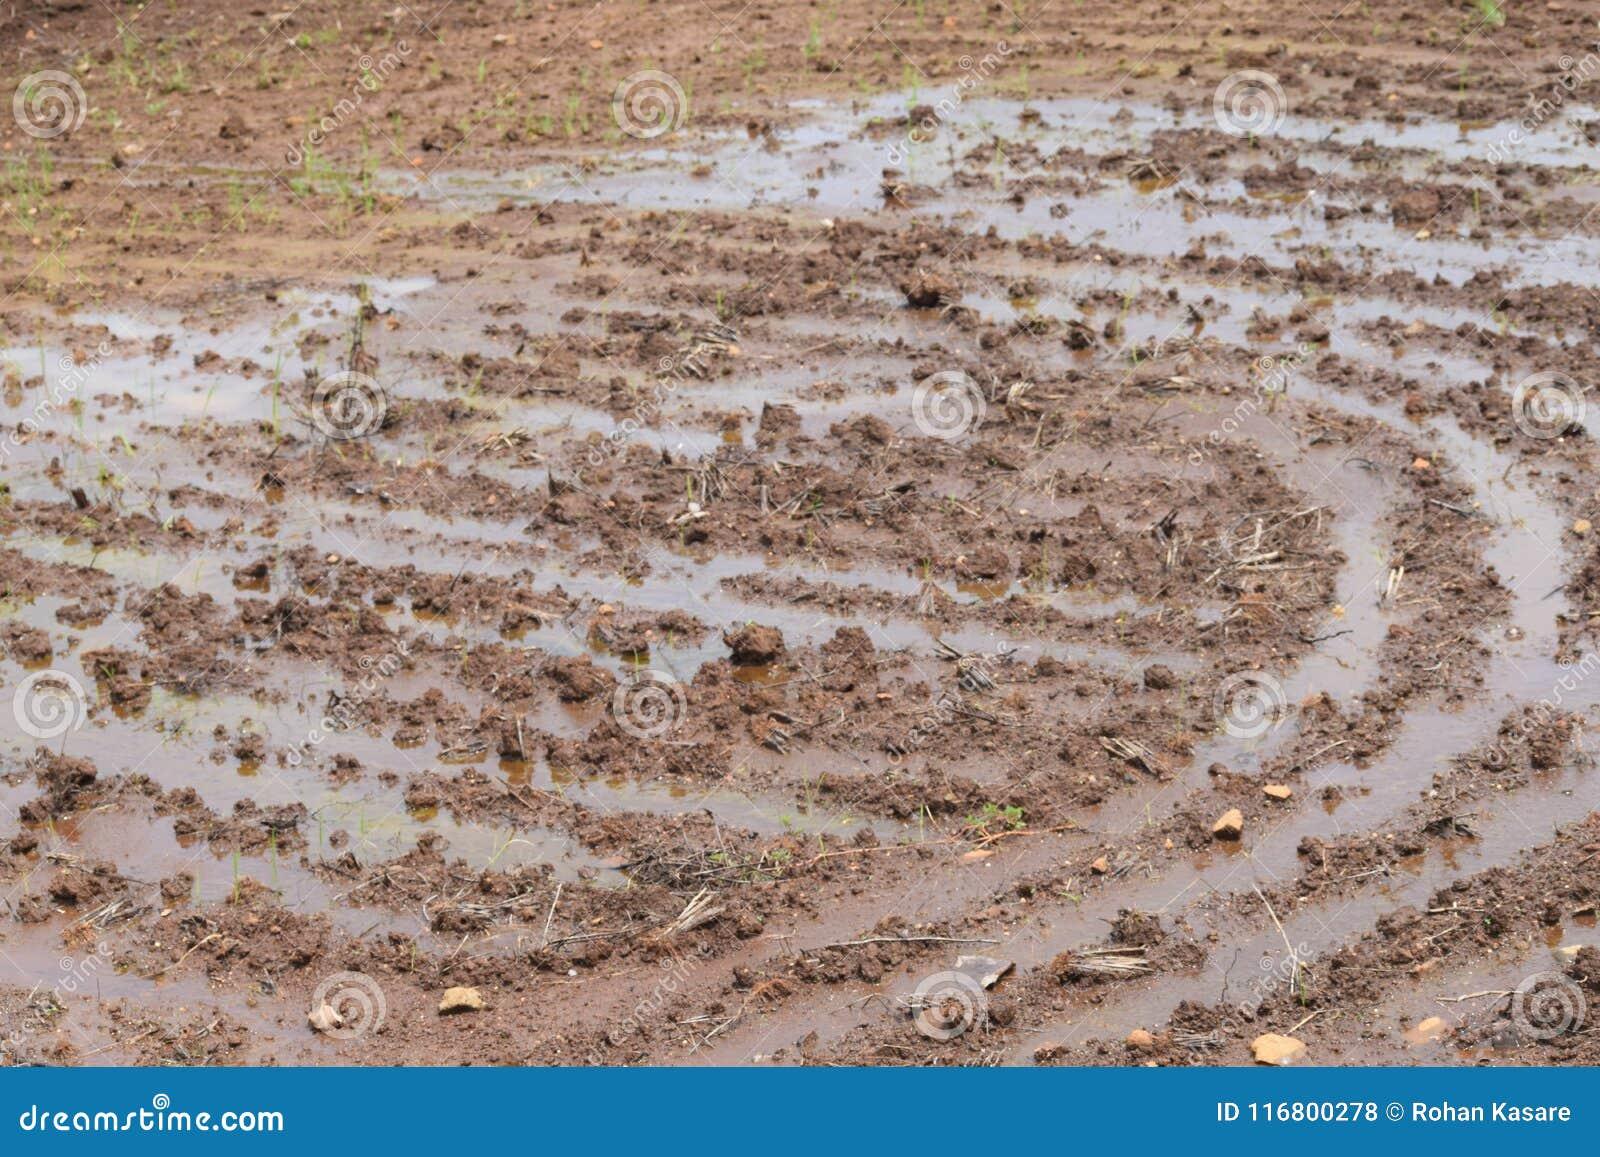 Prima fase di agricoltura, agricoltura